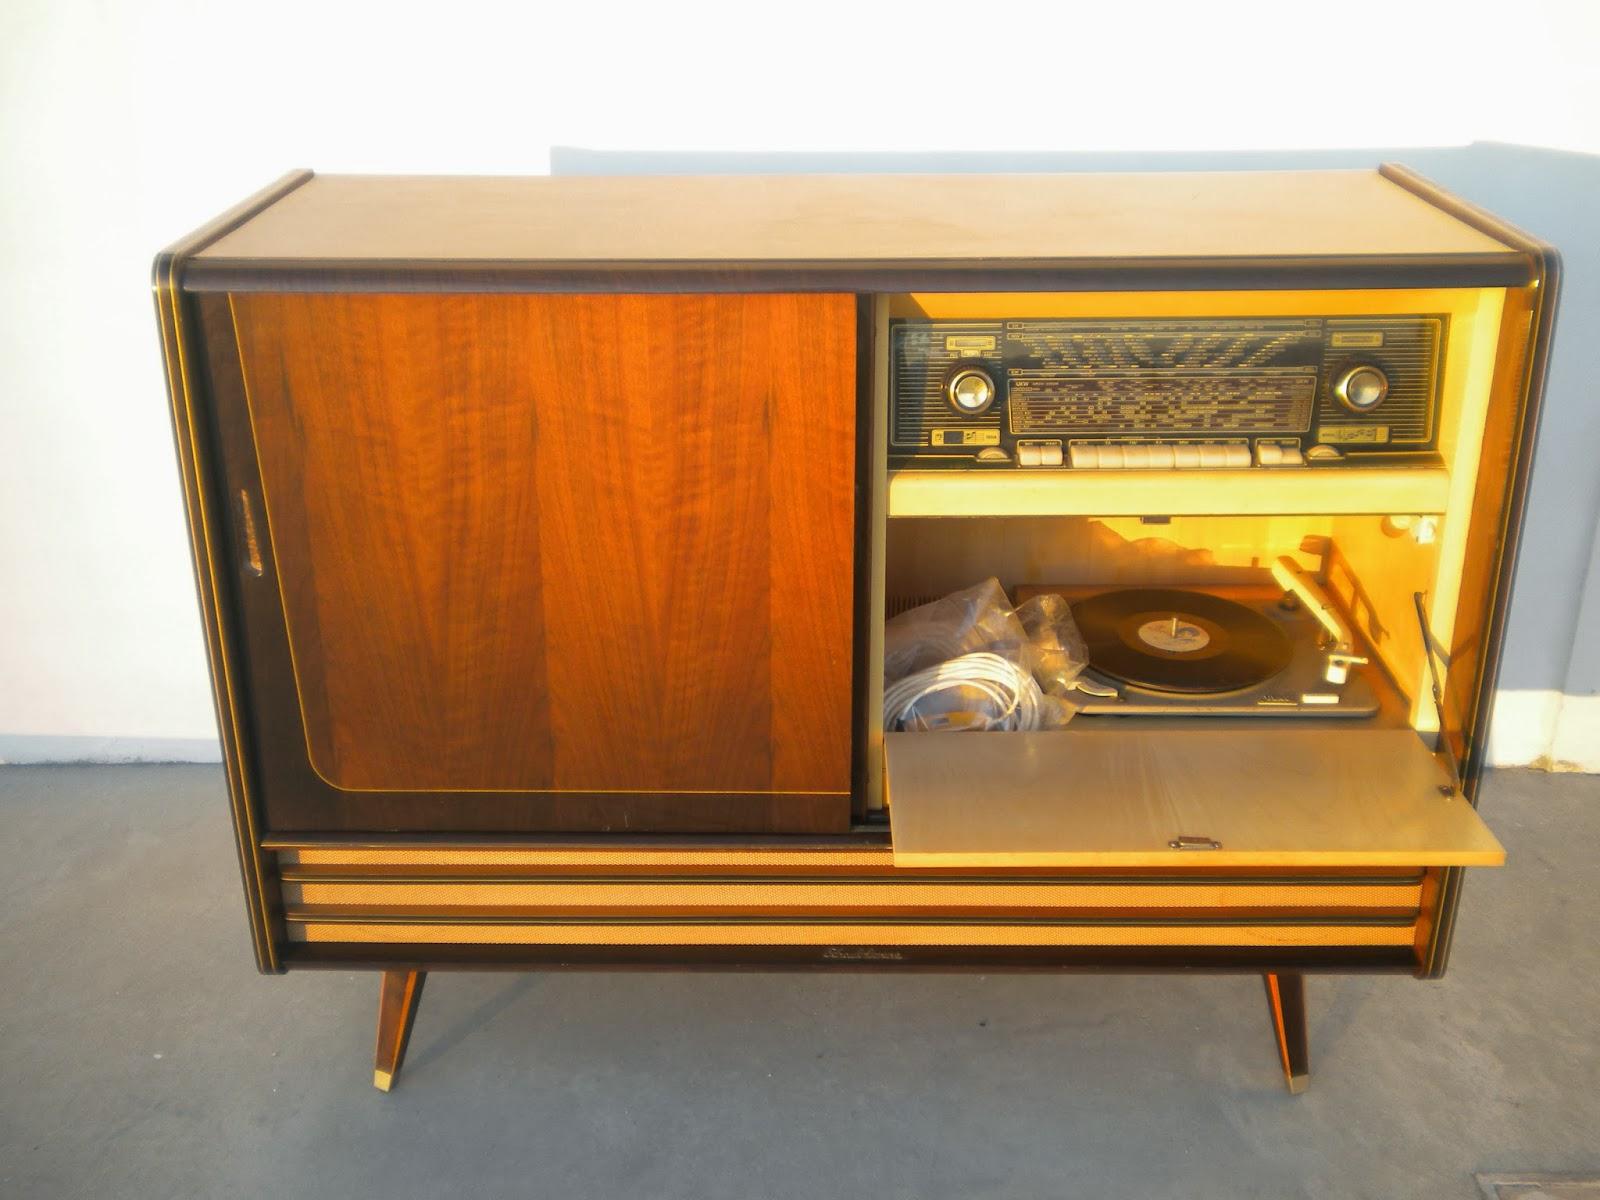 Walmart Aparador De Sala ~ é DE + Vintage Movel aparador vintage radio tv gira discos Schaublournz